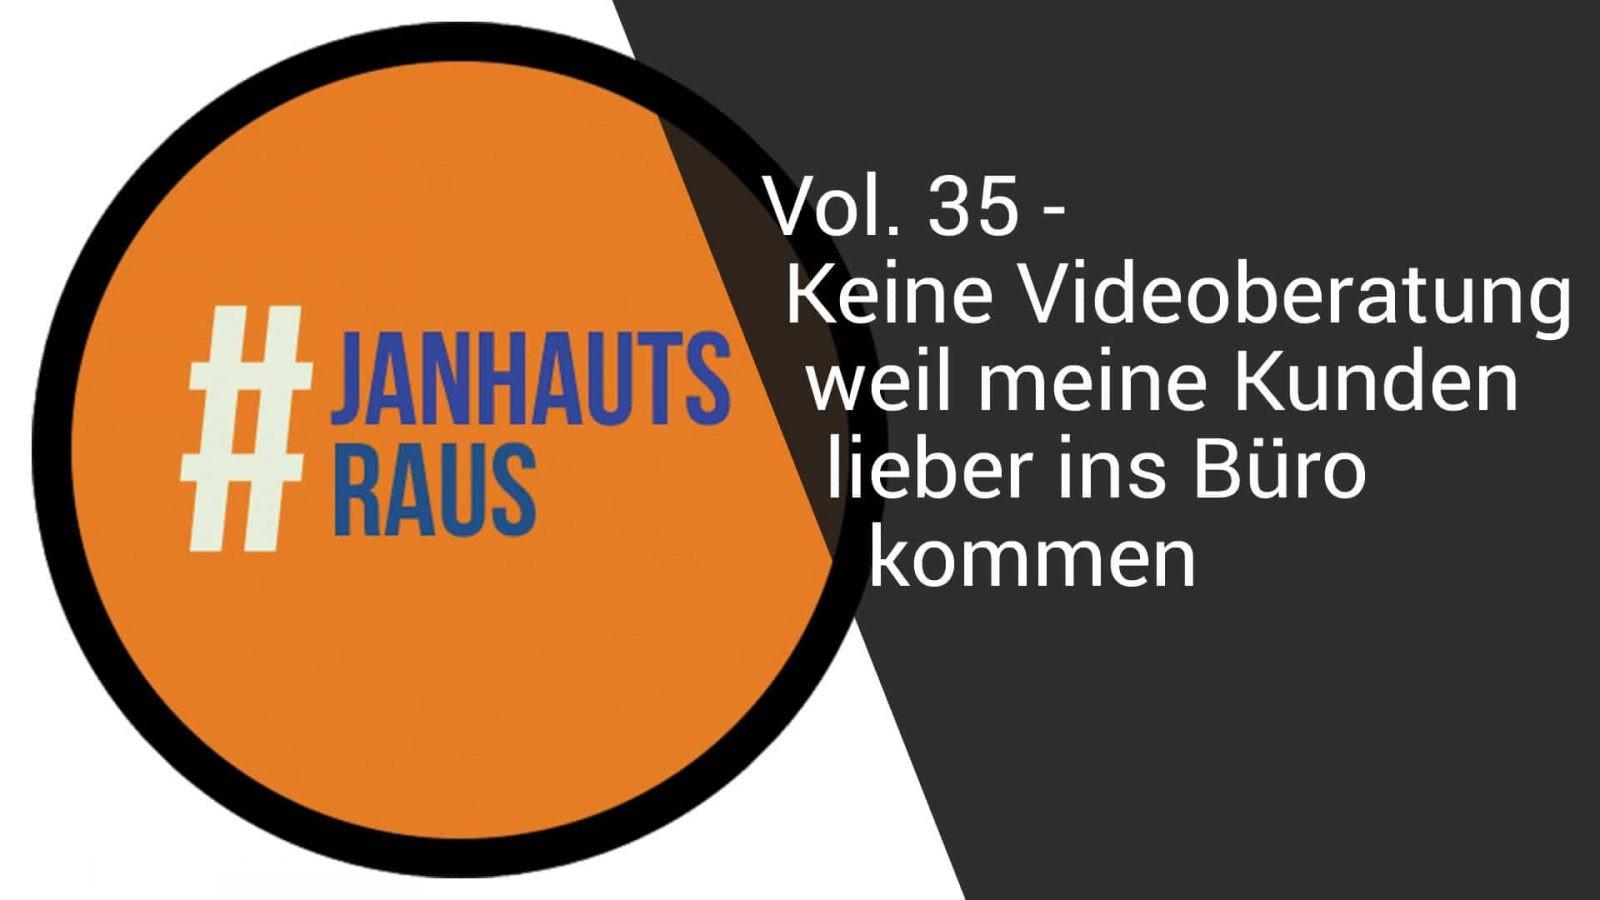 #janhautsraus - Vol. 35 - Keine Videoberatung, weil meine Kunden lieber ins Büro kommen